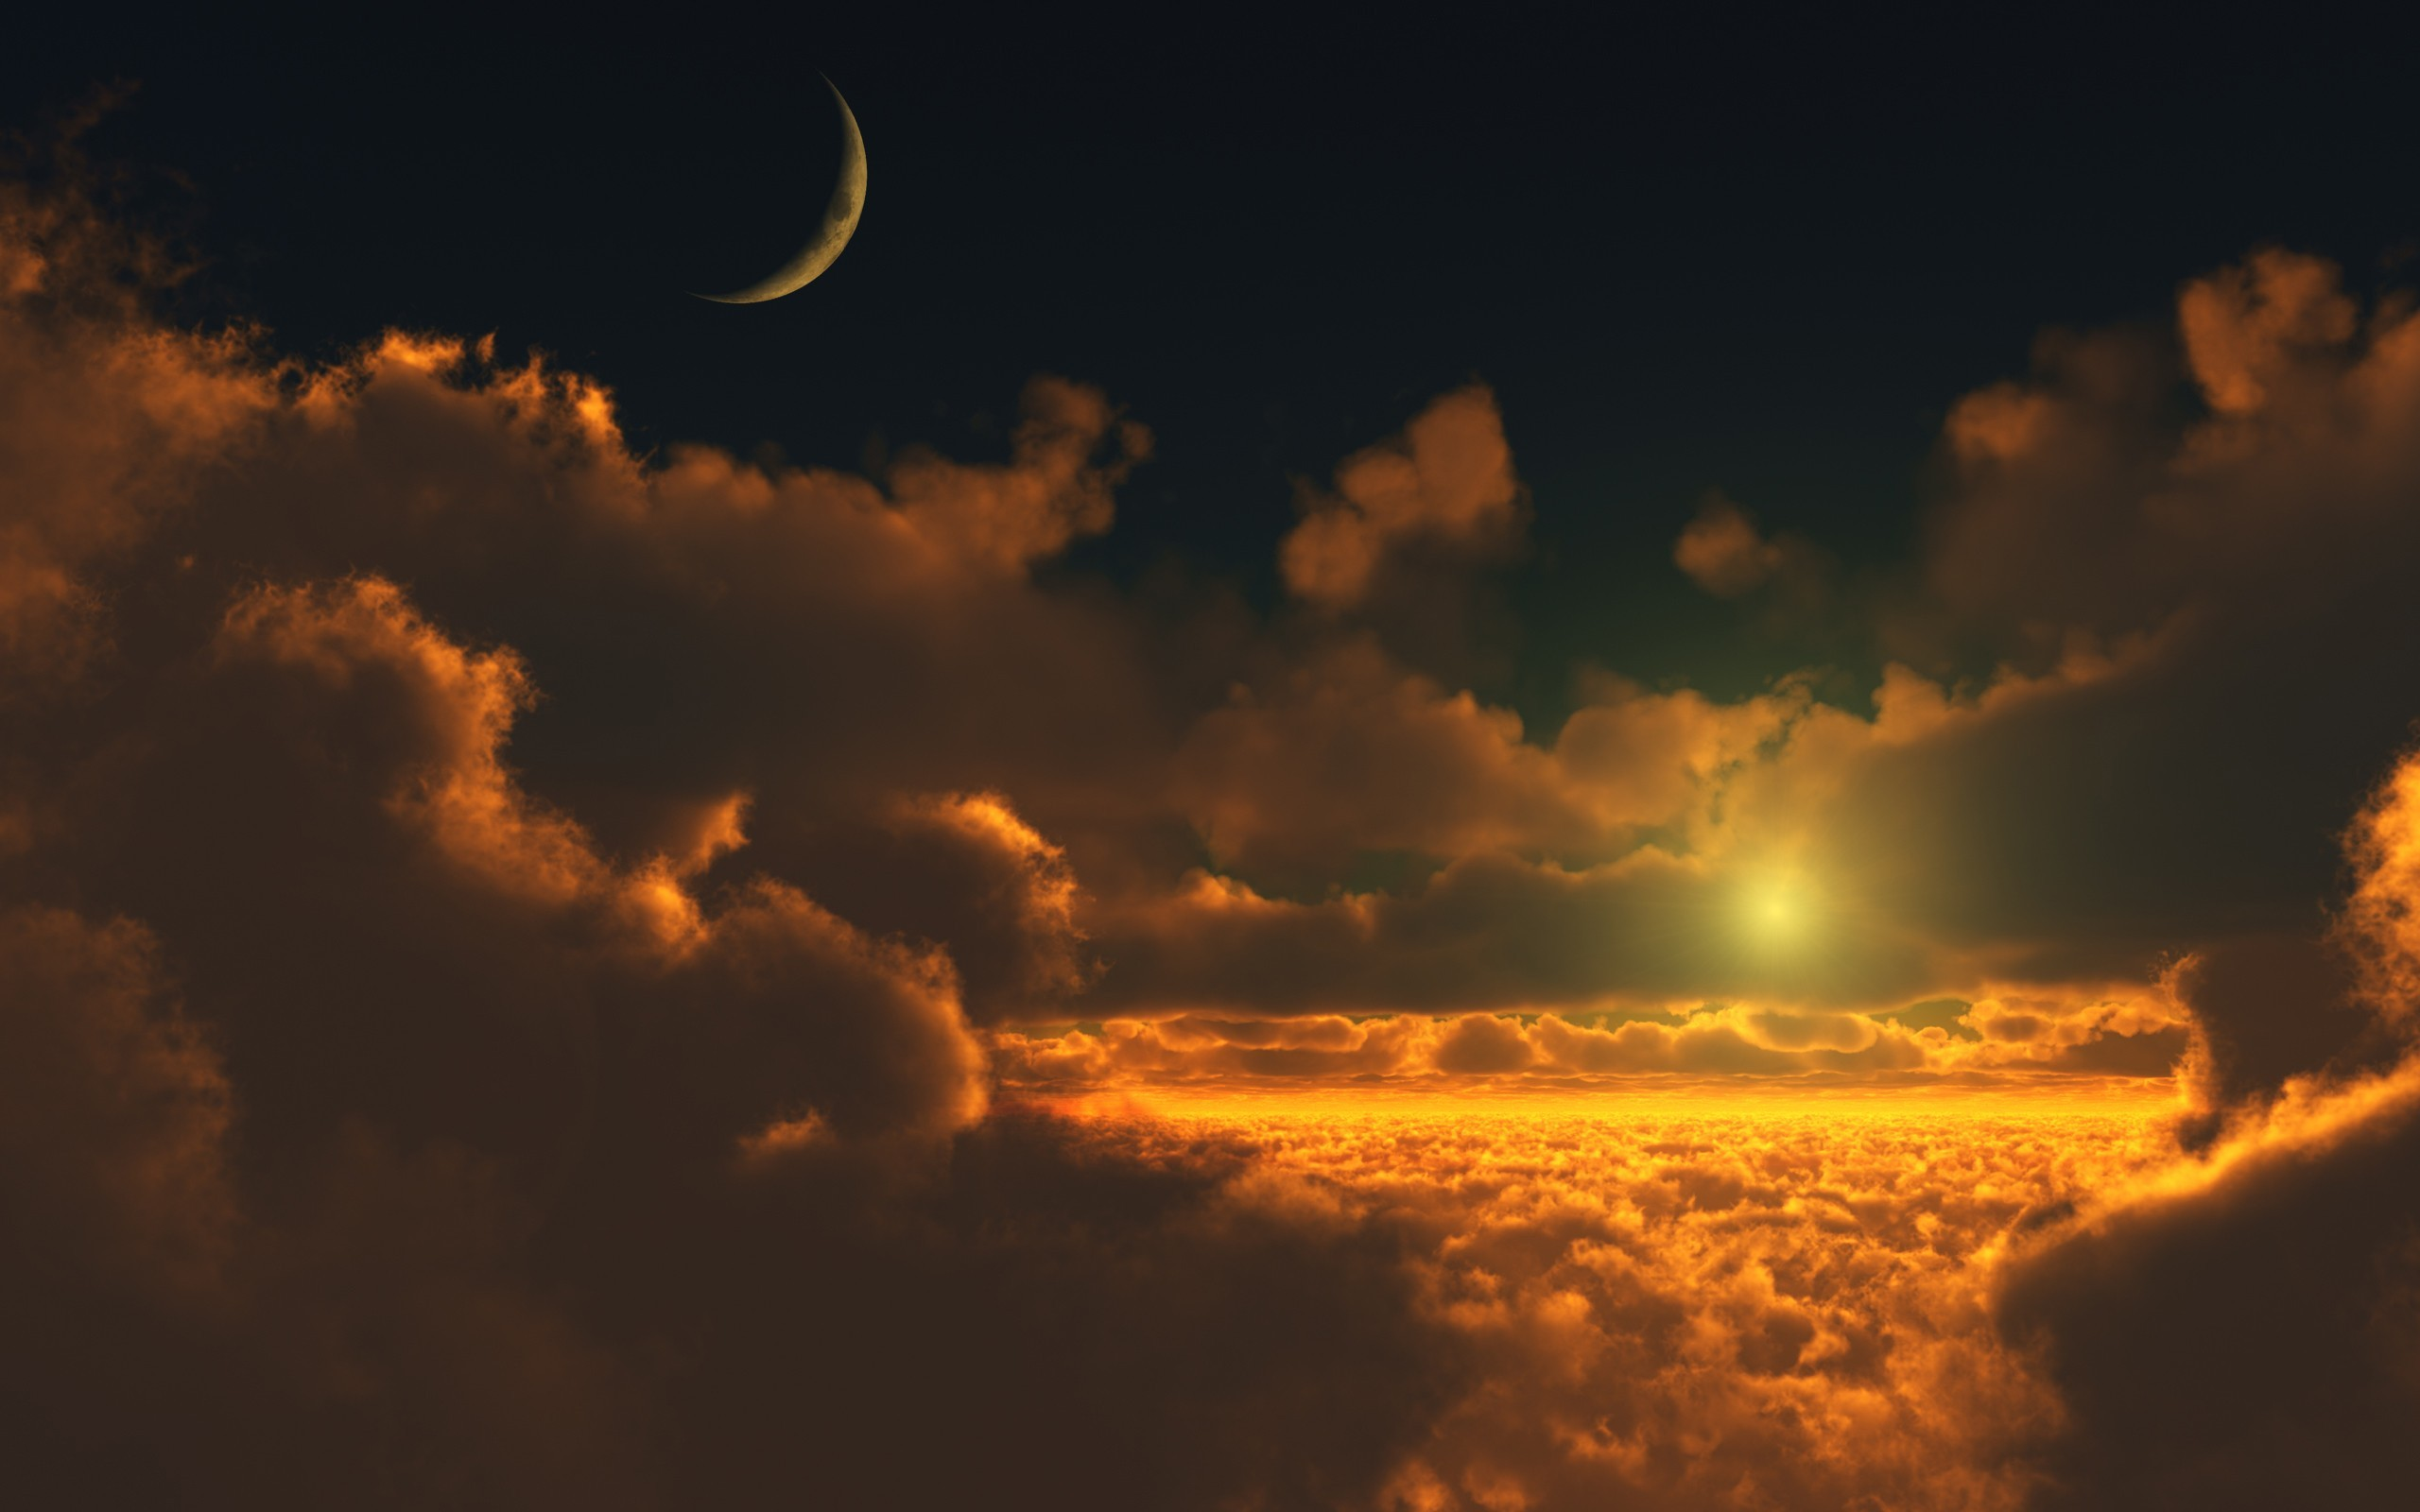 Солнце в облаках бесплатно